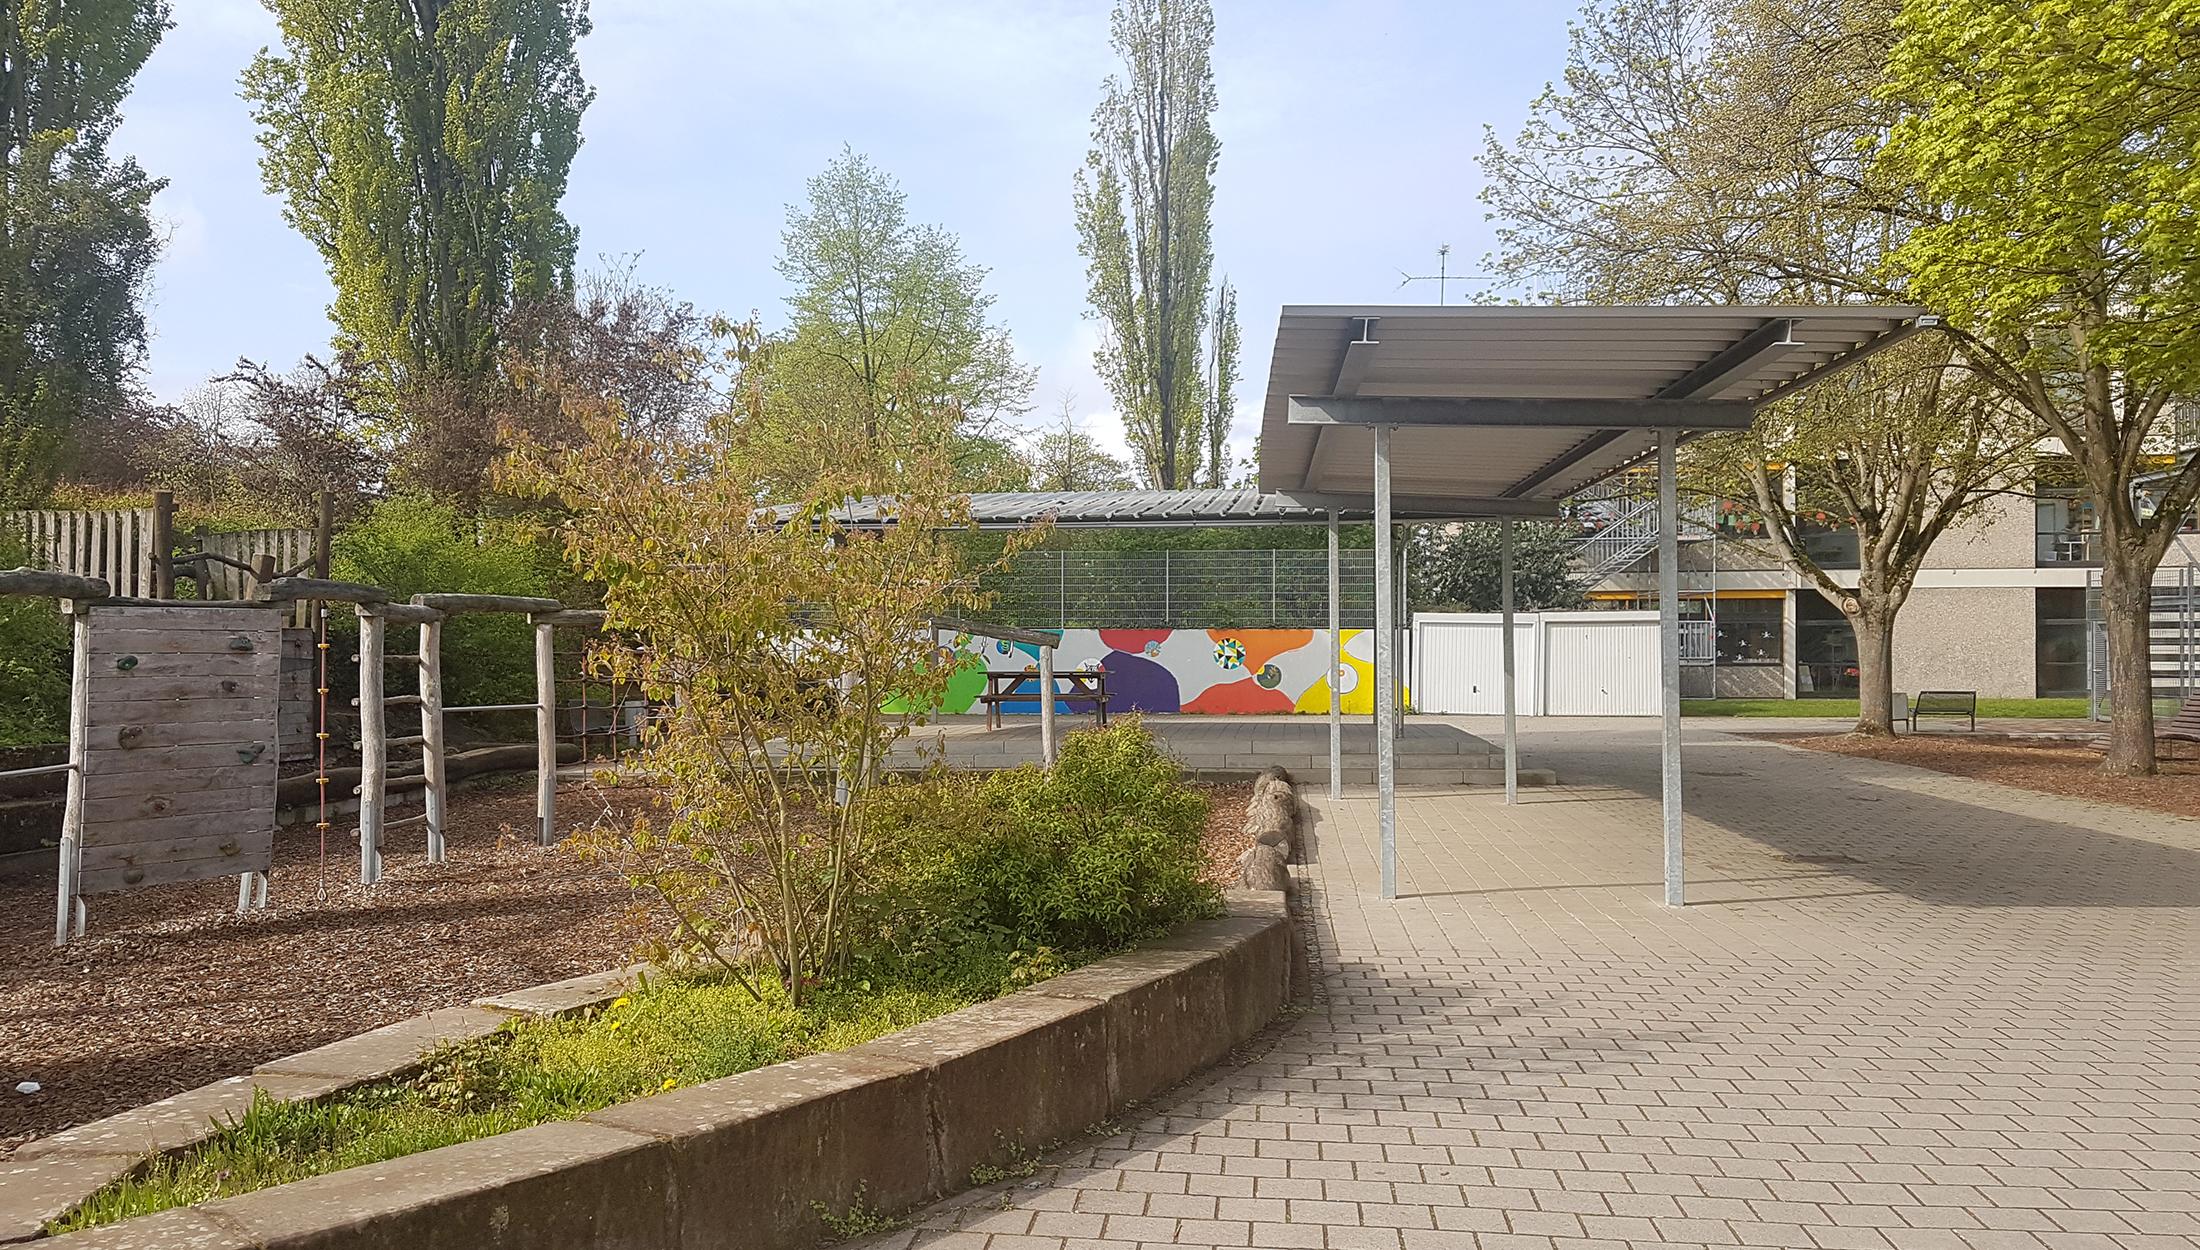 2020, Verfahrensbetreuung Schulsanierung, Hockenheim